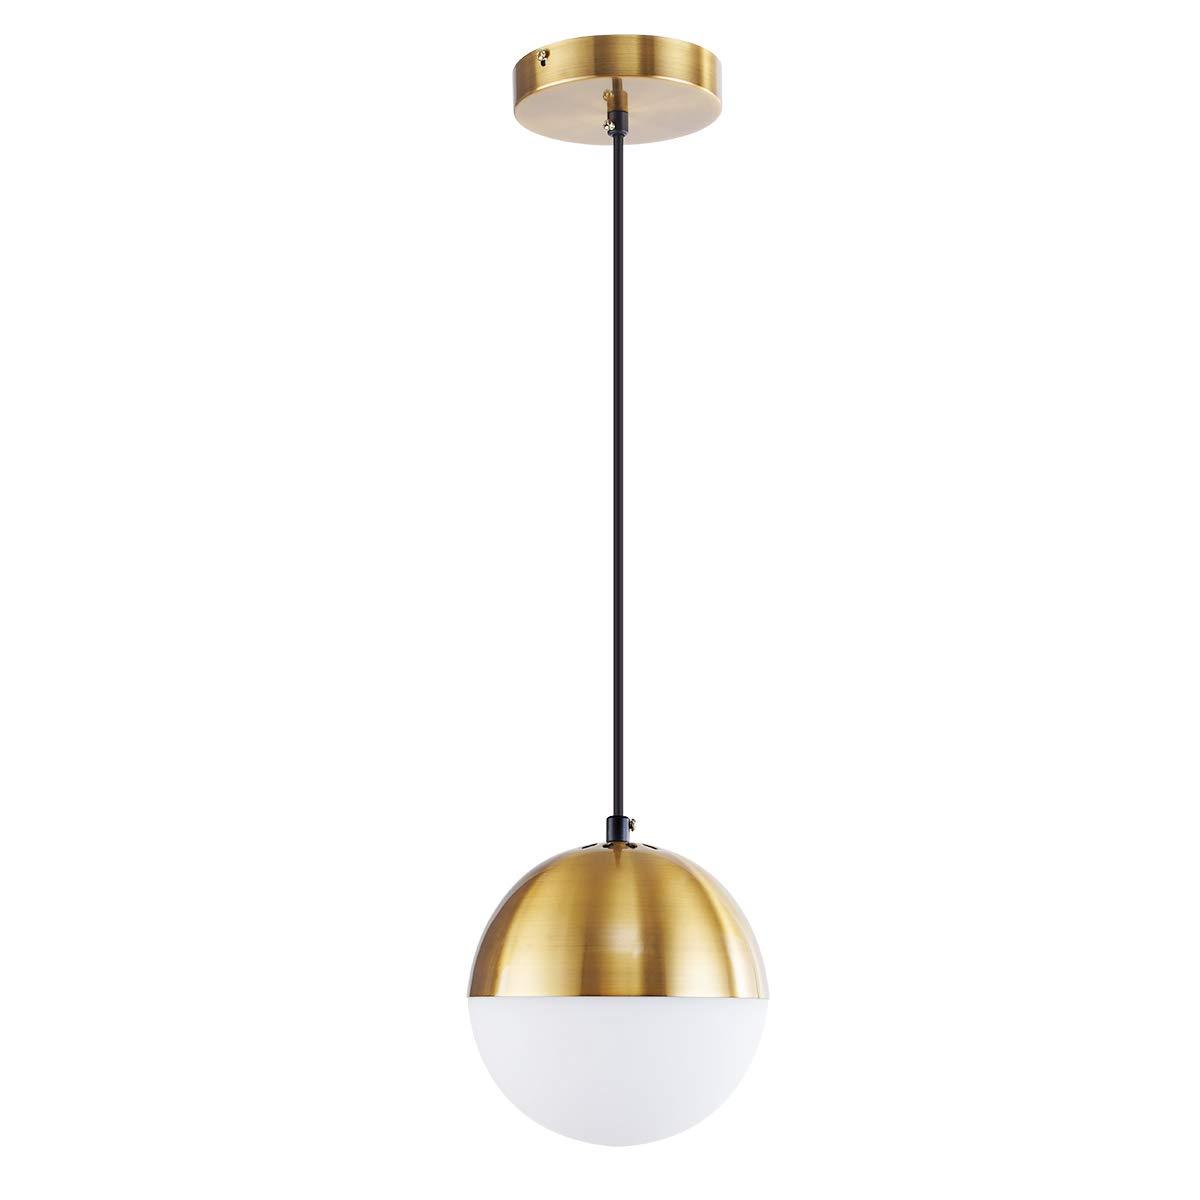 ShengQing Modern Glass Globe Pendant Light with 6'' Mini Milk White Glass Shape 1-Light Brushed Brass Kitchen Pendant Lighting Fixture for Kitchen Island Loft Counter Dining Room Bar Restaurants